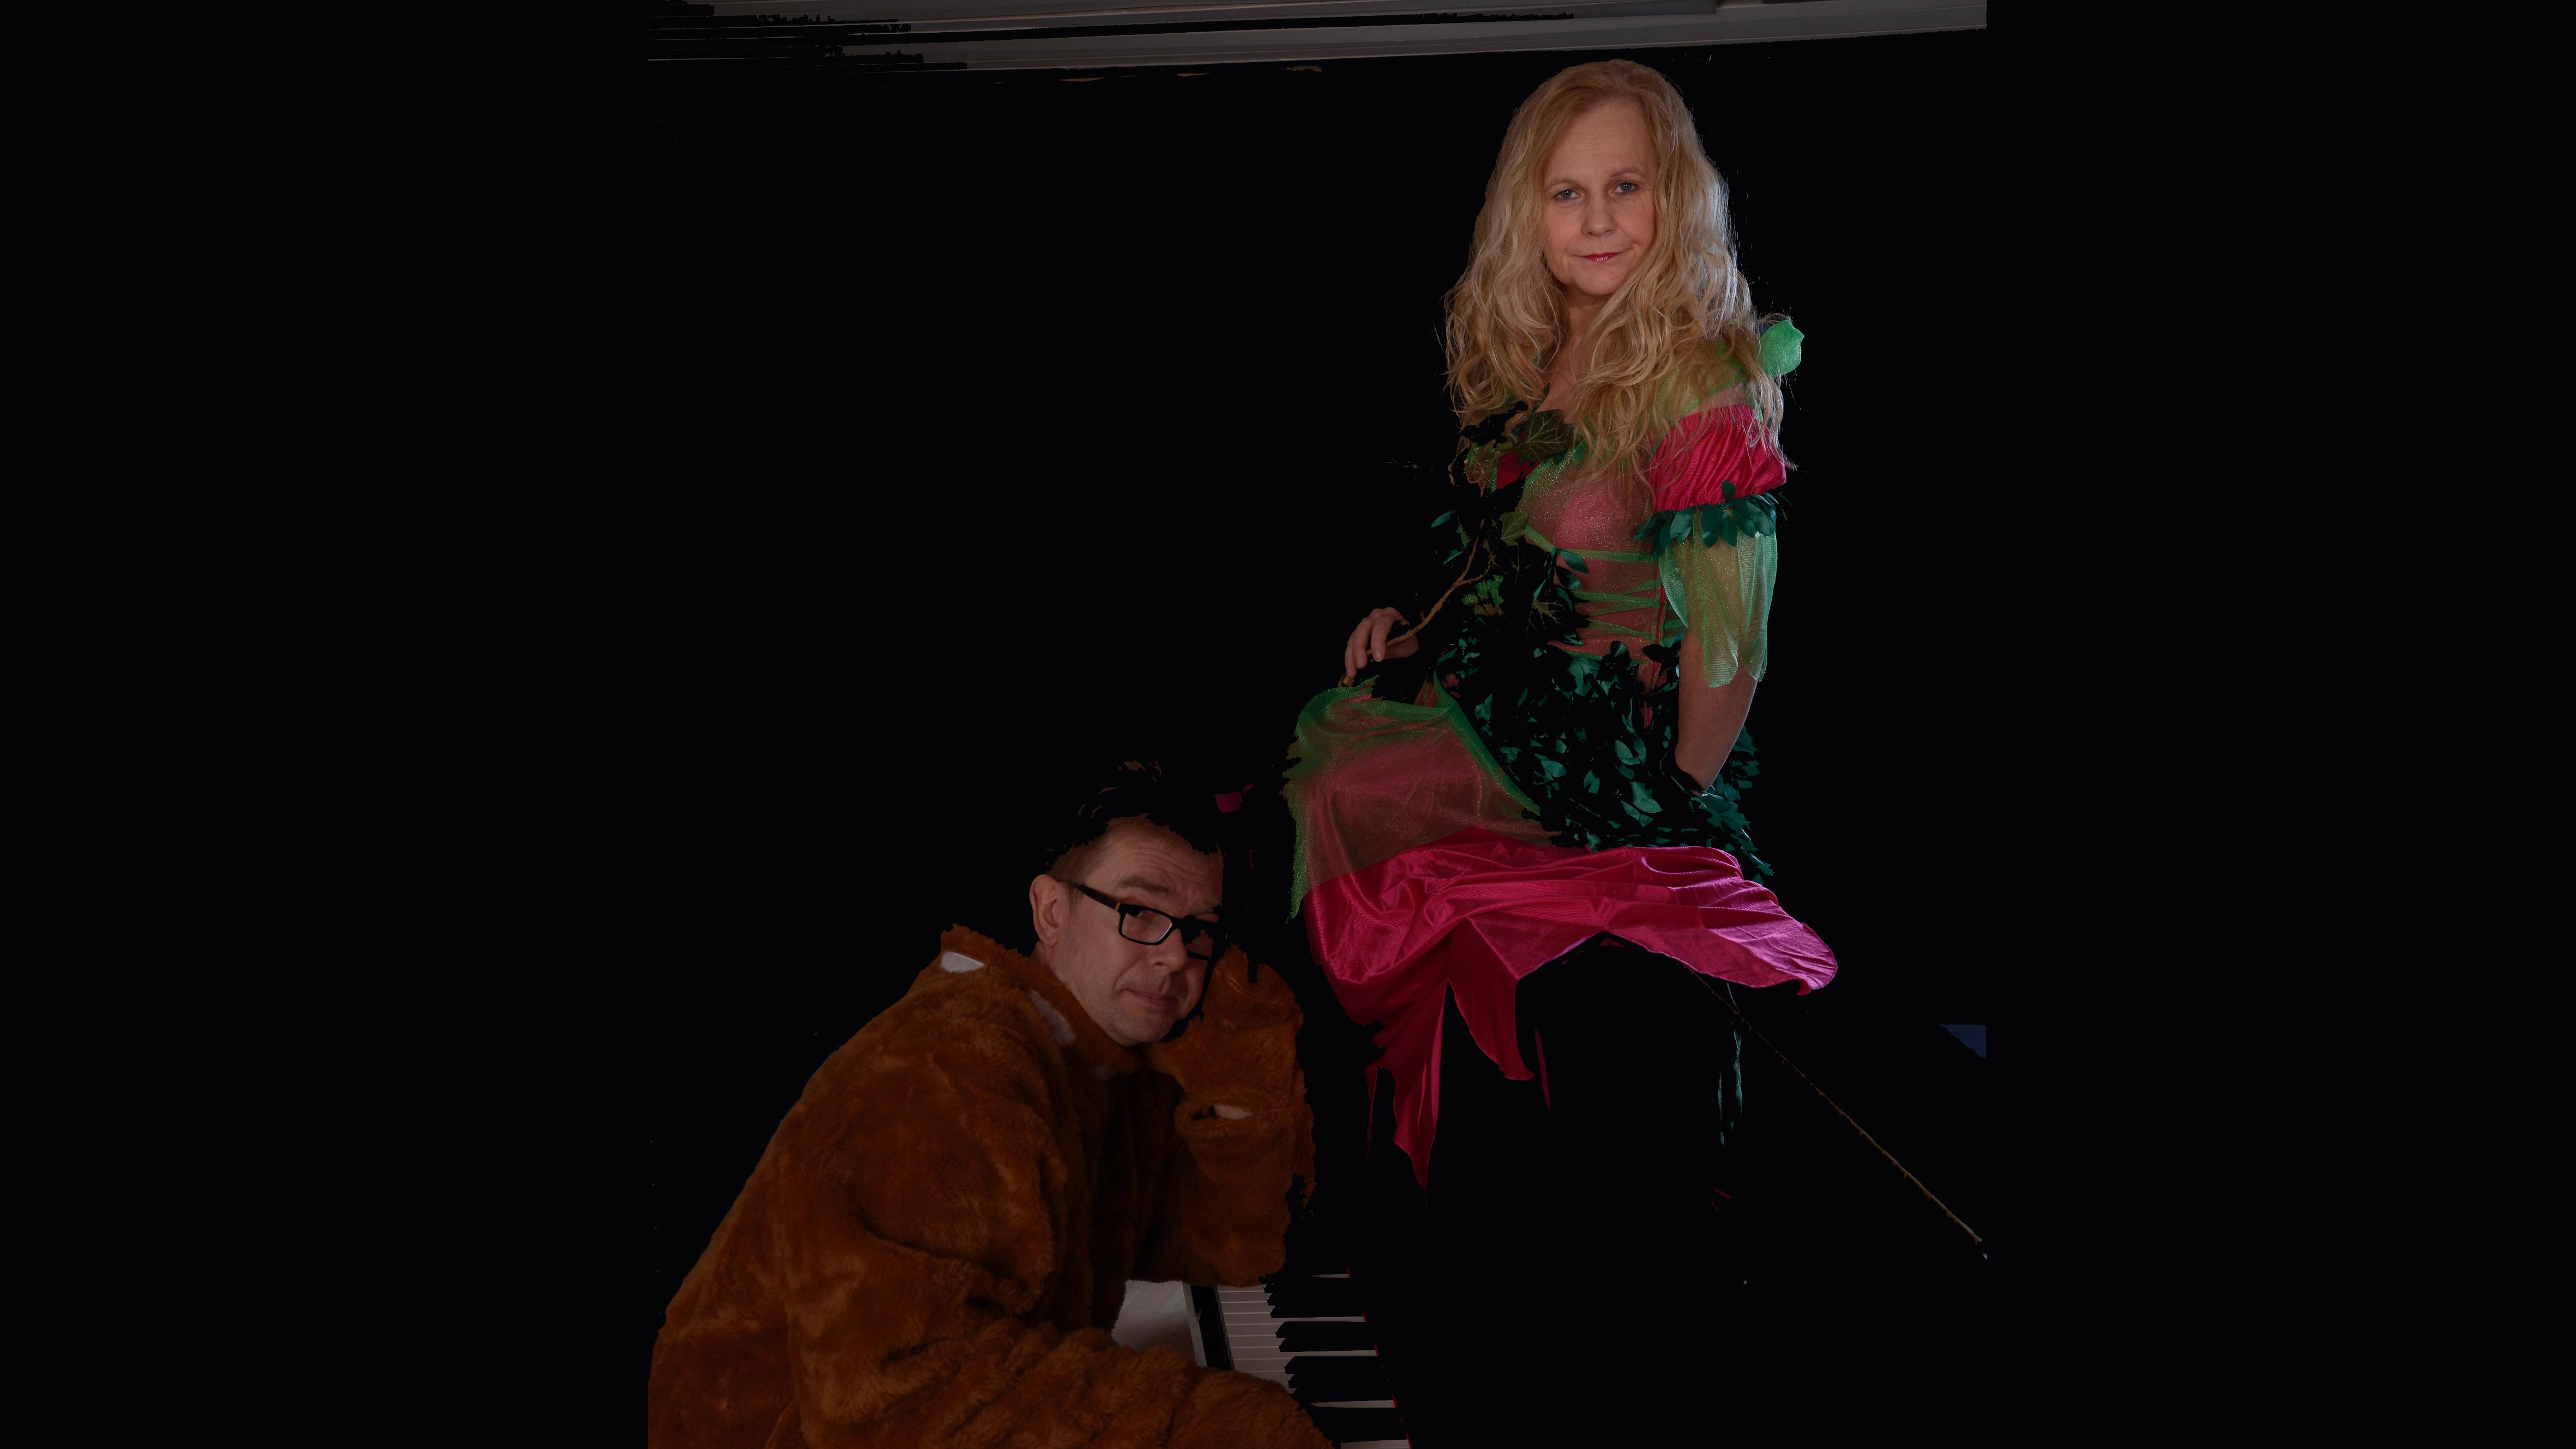 Eveline Lembke und Daniel Schulz am Piano - Event Worte & Töne